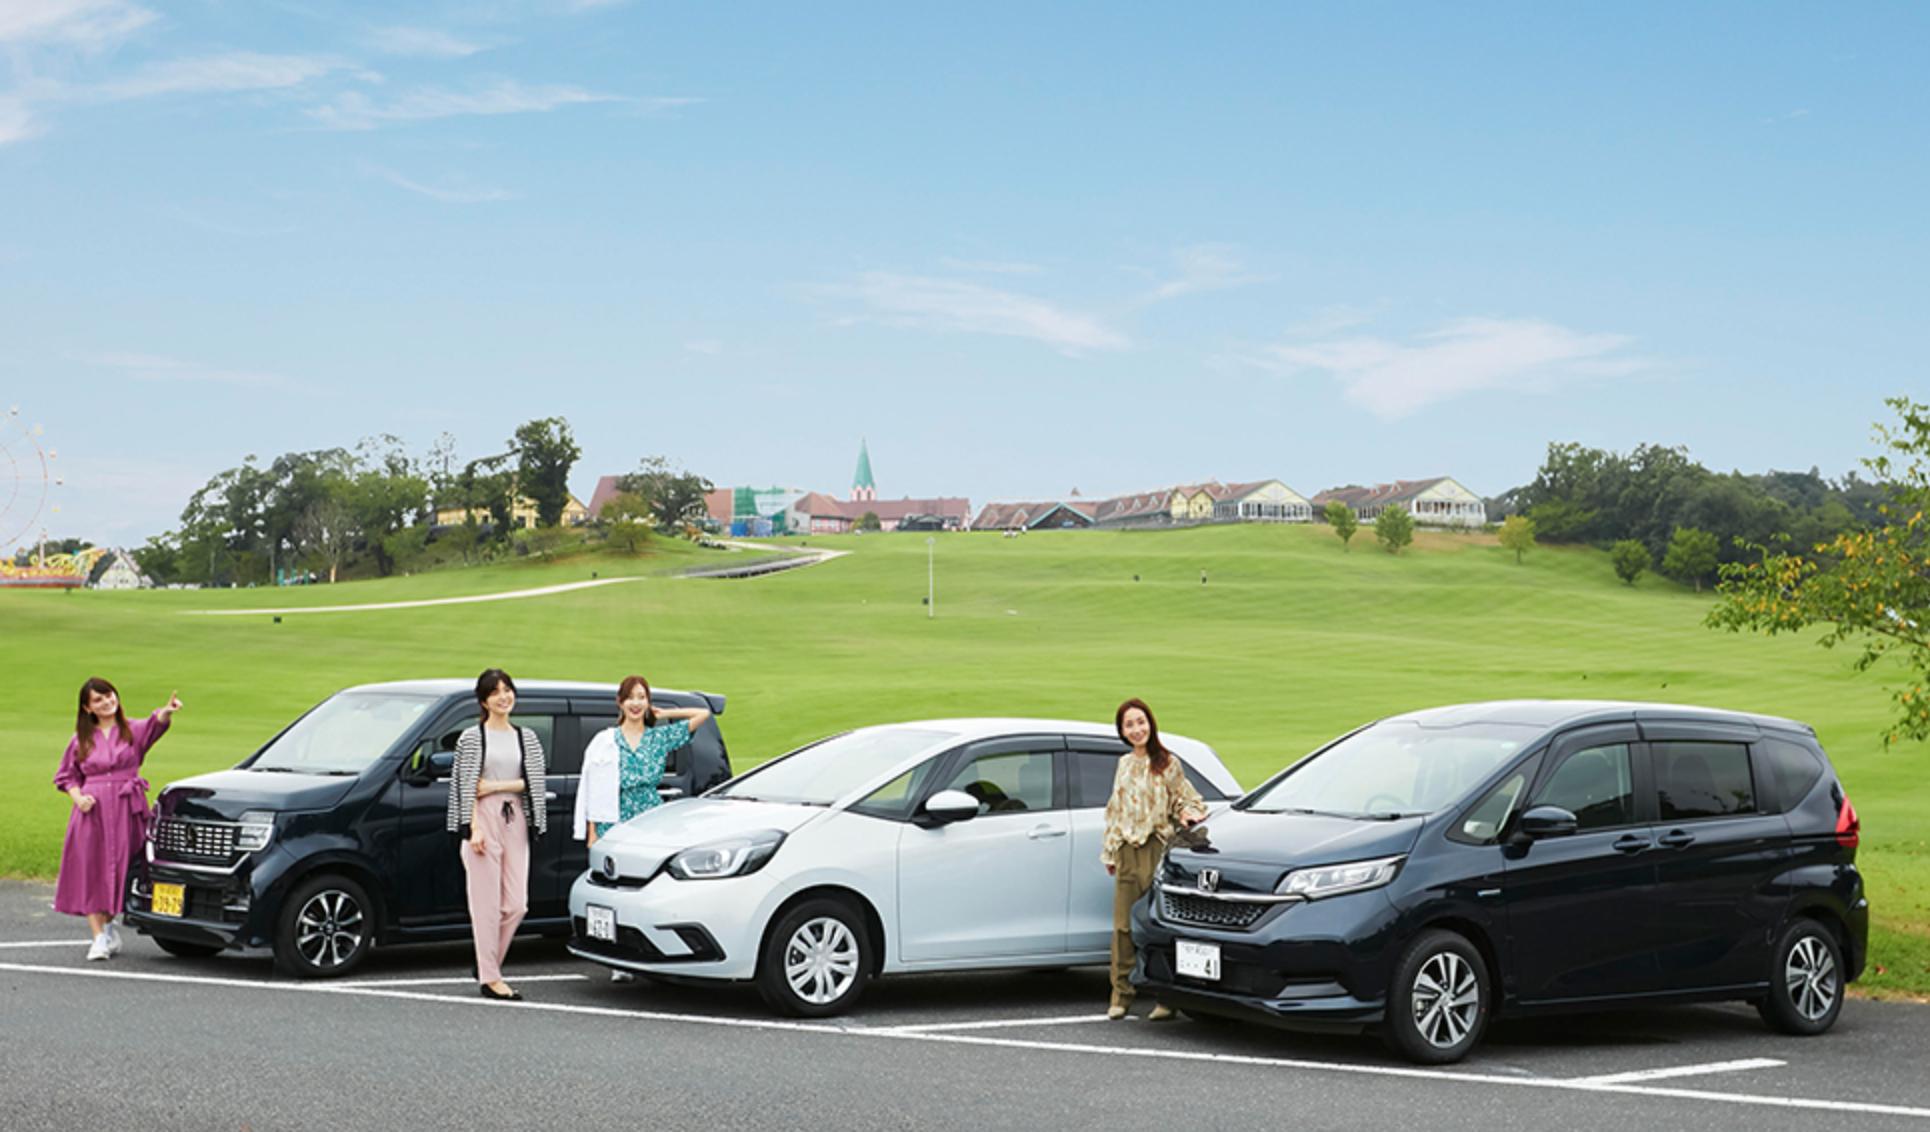 女性モデル4名が「Let's enjoy tokyo」でホンダの車を紹介しています🚗